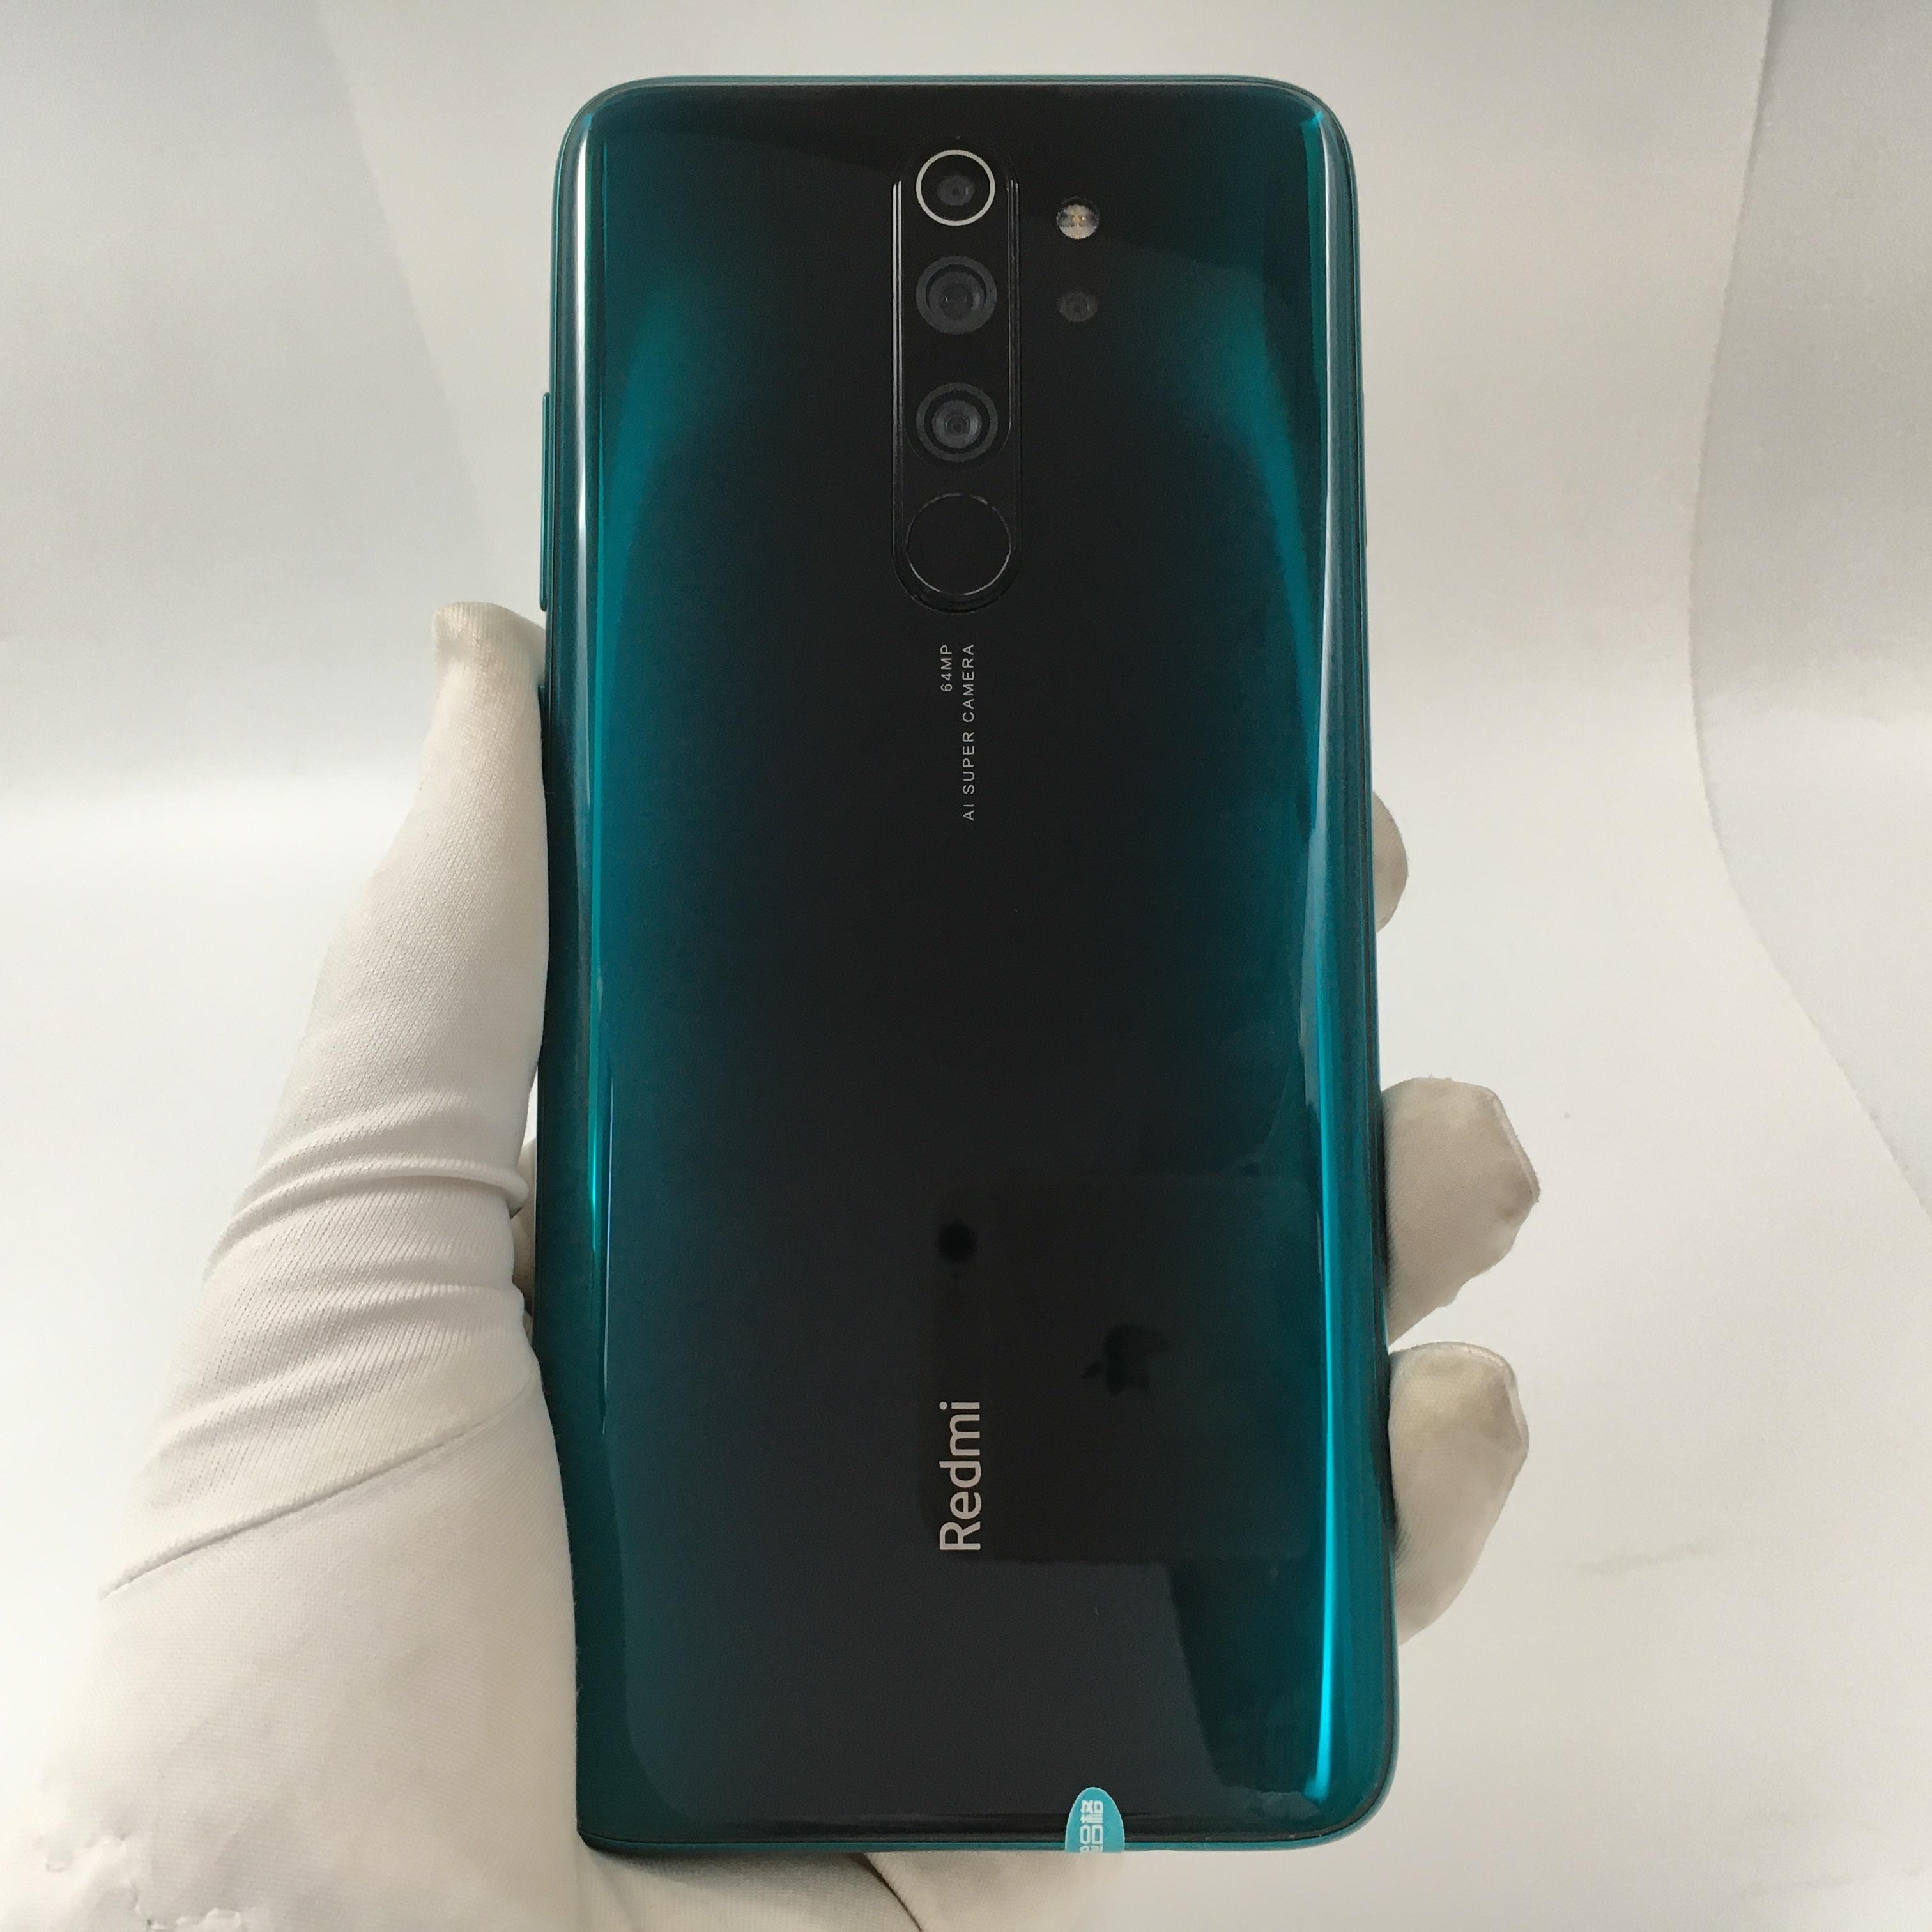 小米【Redmi Note 8 Pro】4G全网通 冰翡翠 6G/64G 国行 9成新